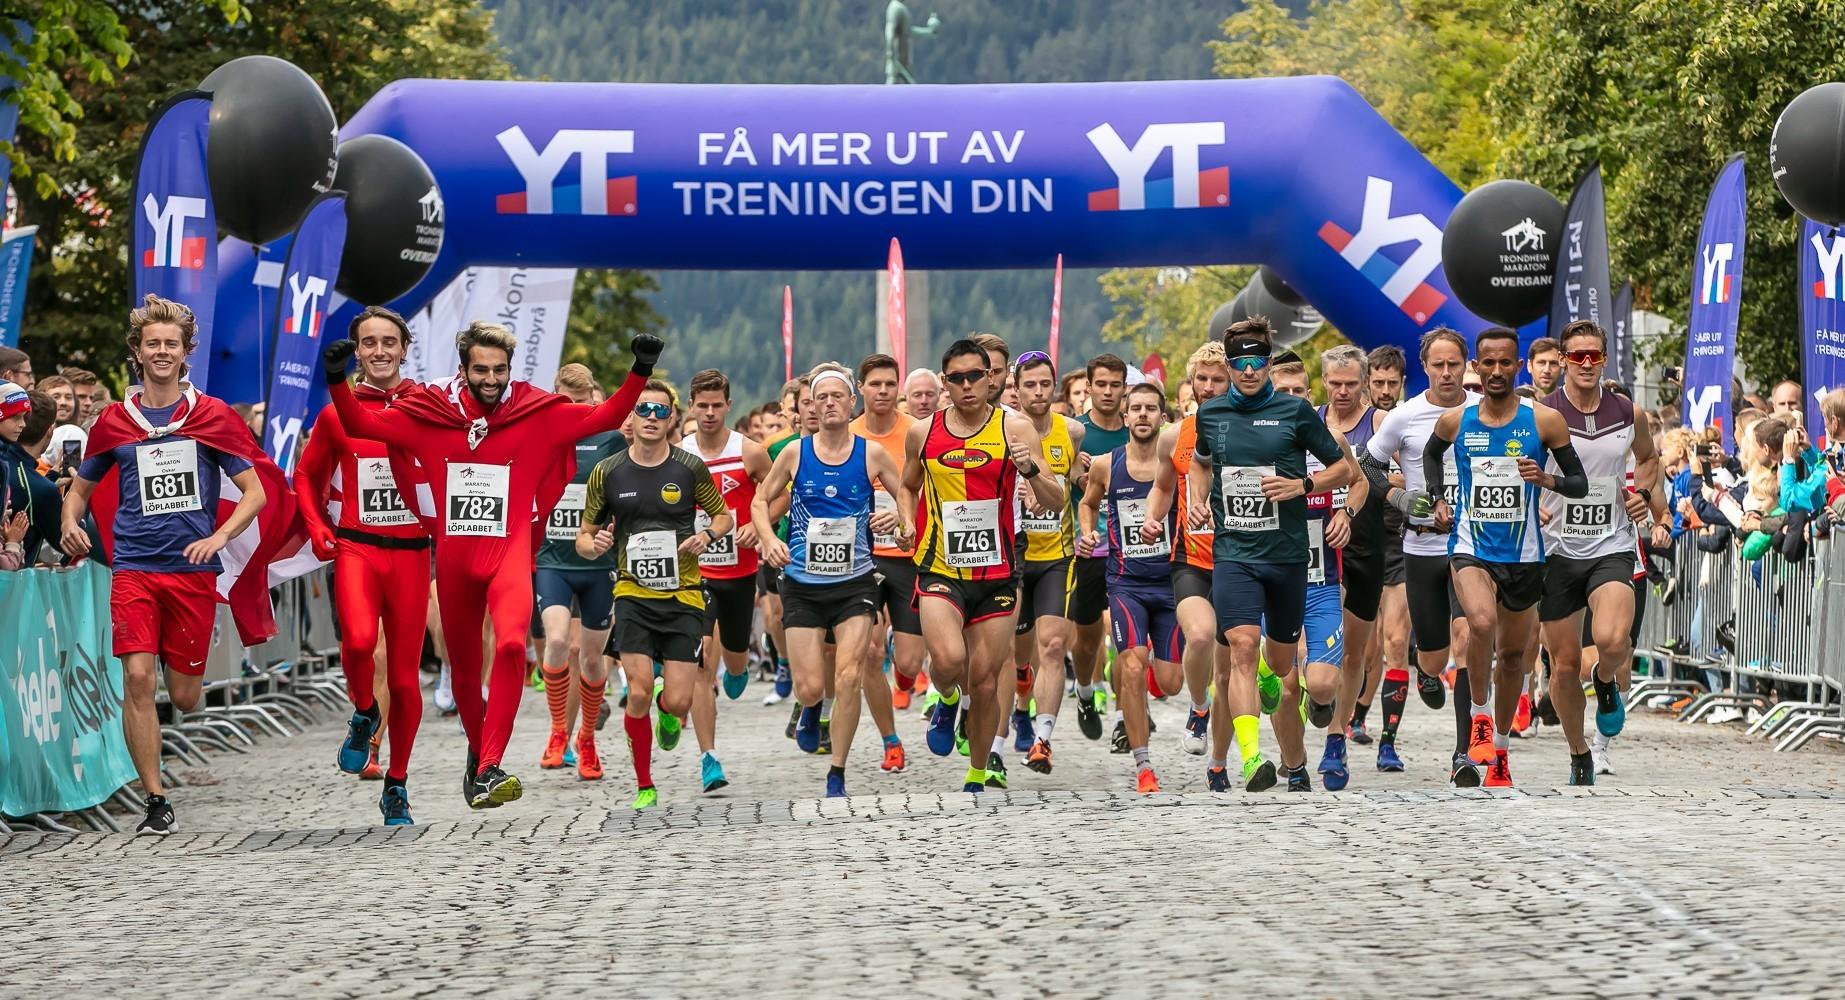 Starten_maraton.jpg